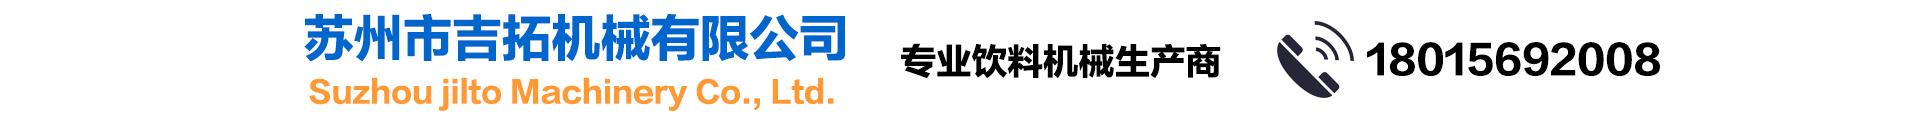 苏州市吉拓机械有限公司